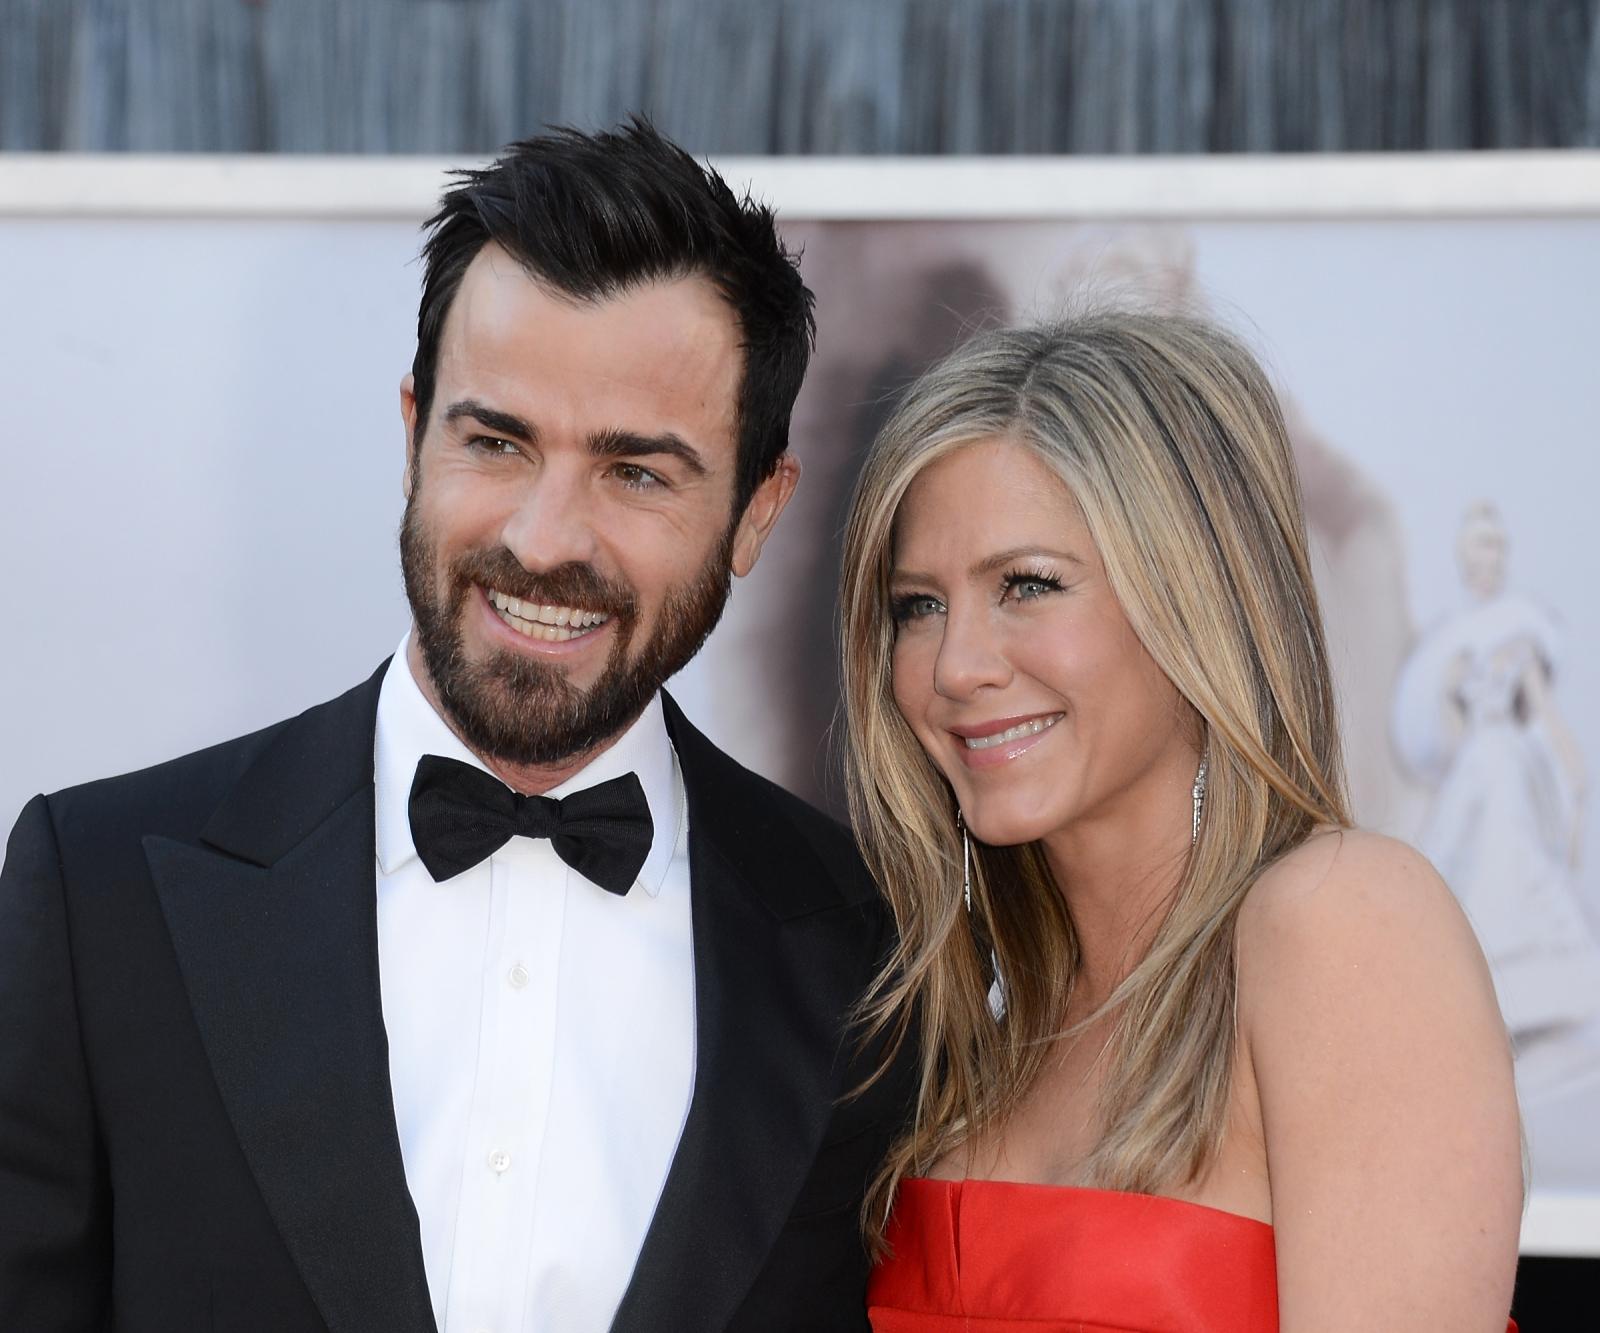 Jennifer Aniston And Justin Theroux Engaged Jennifer Aniston and J...